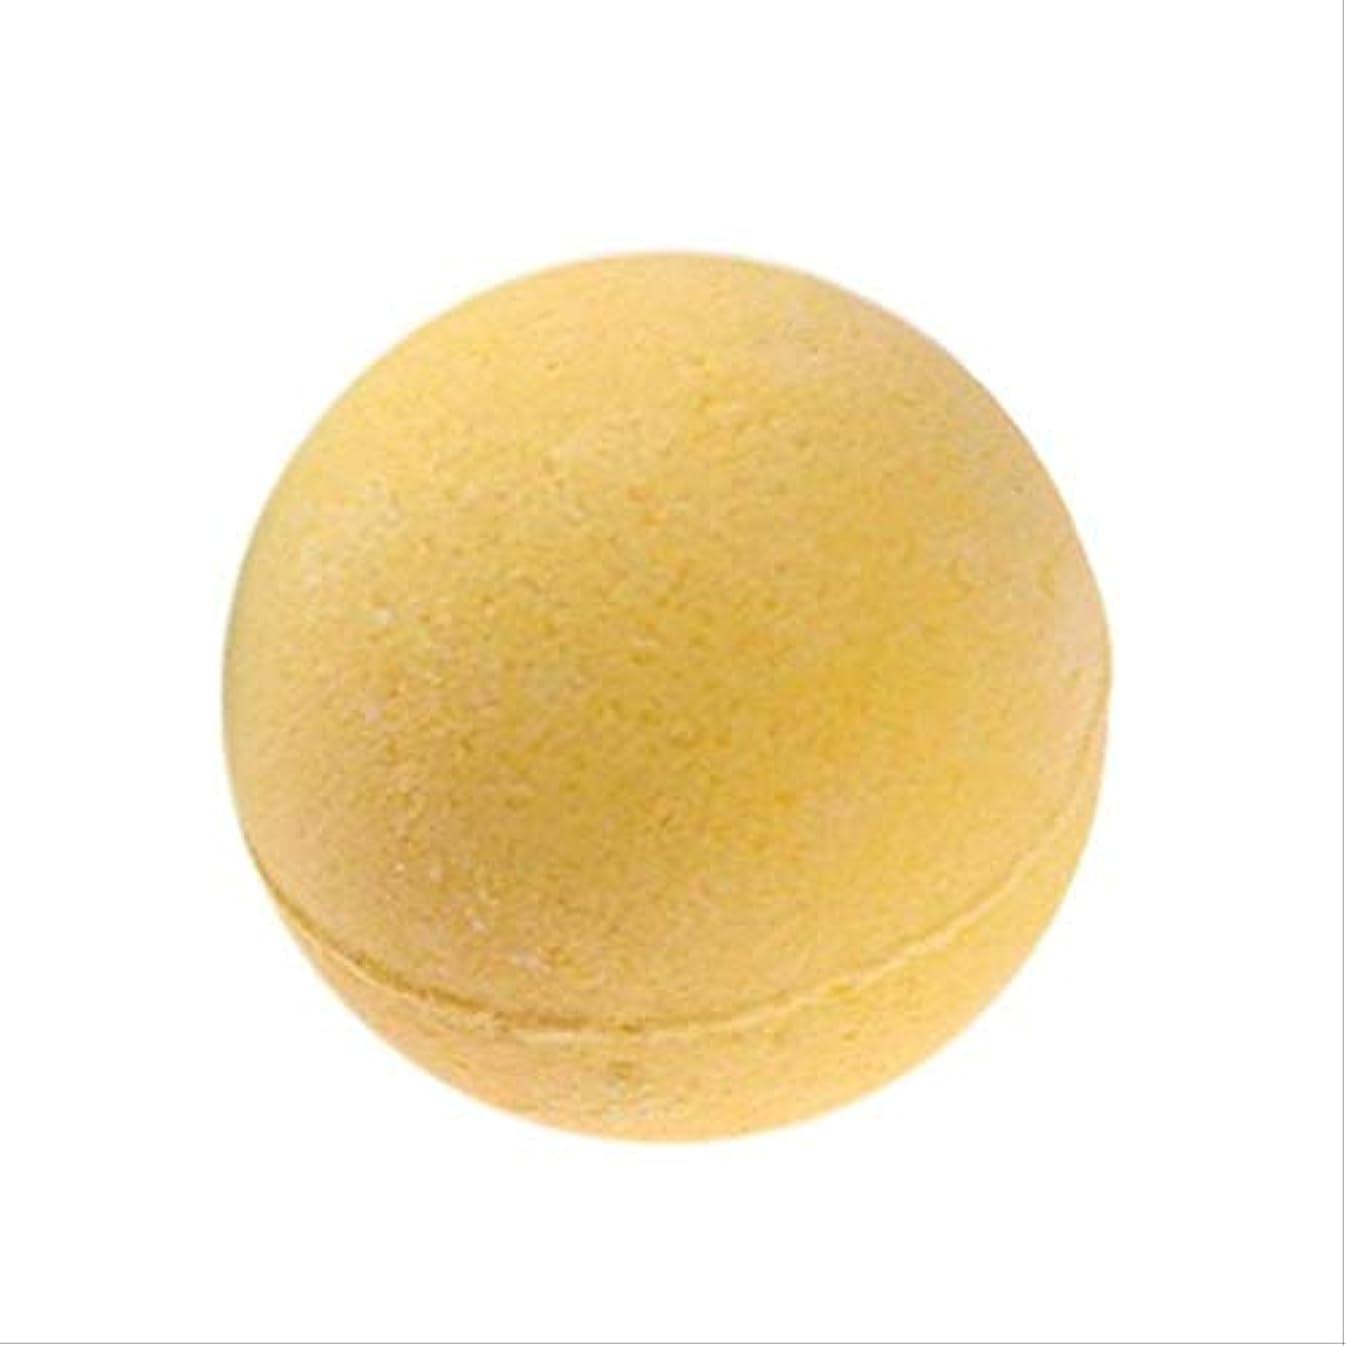 債権者パース疲れたバスソルトバスソルトボールバスボール レモン